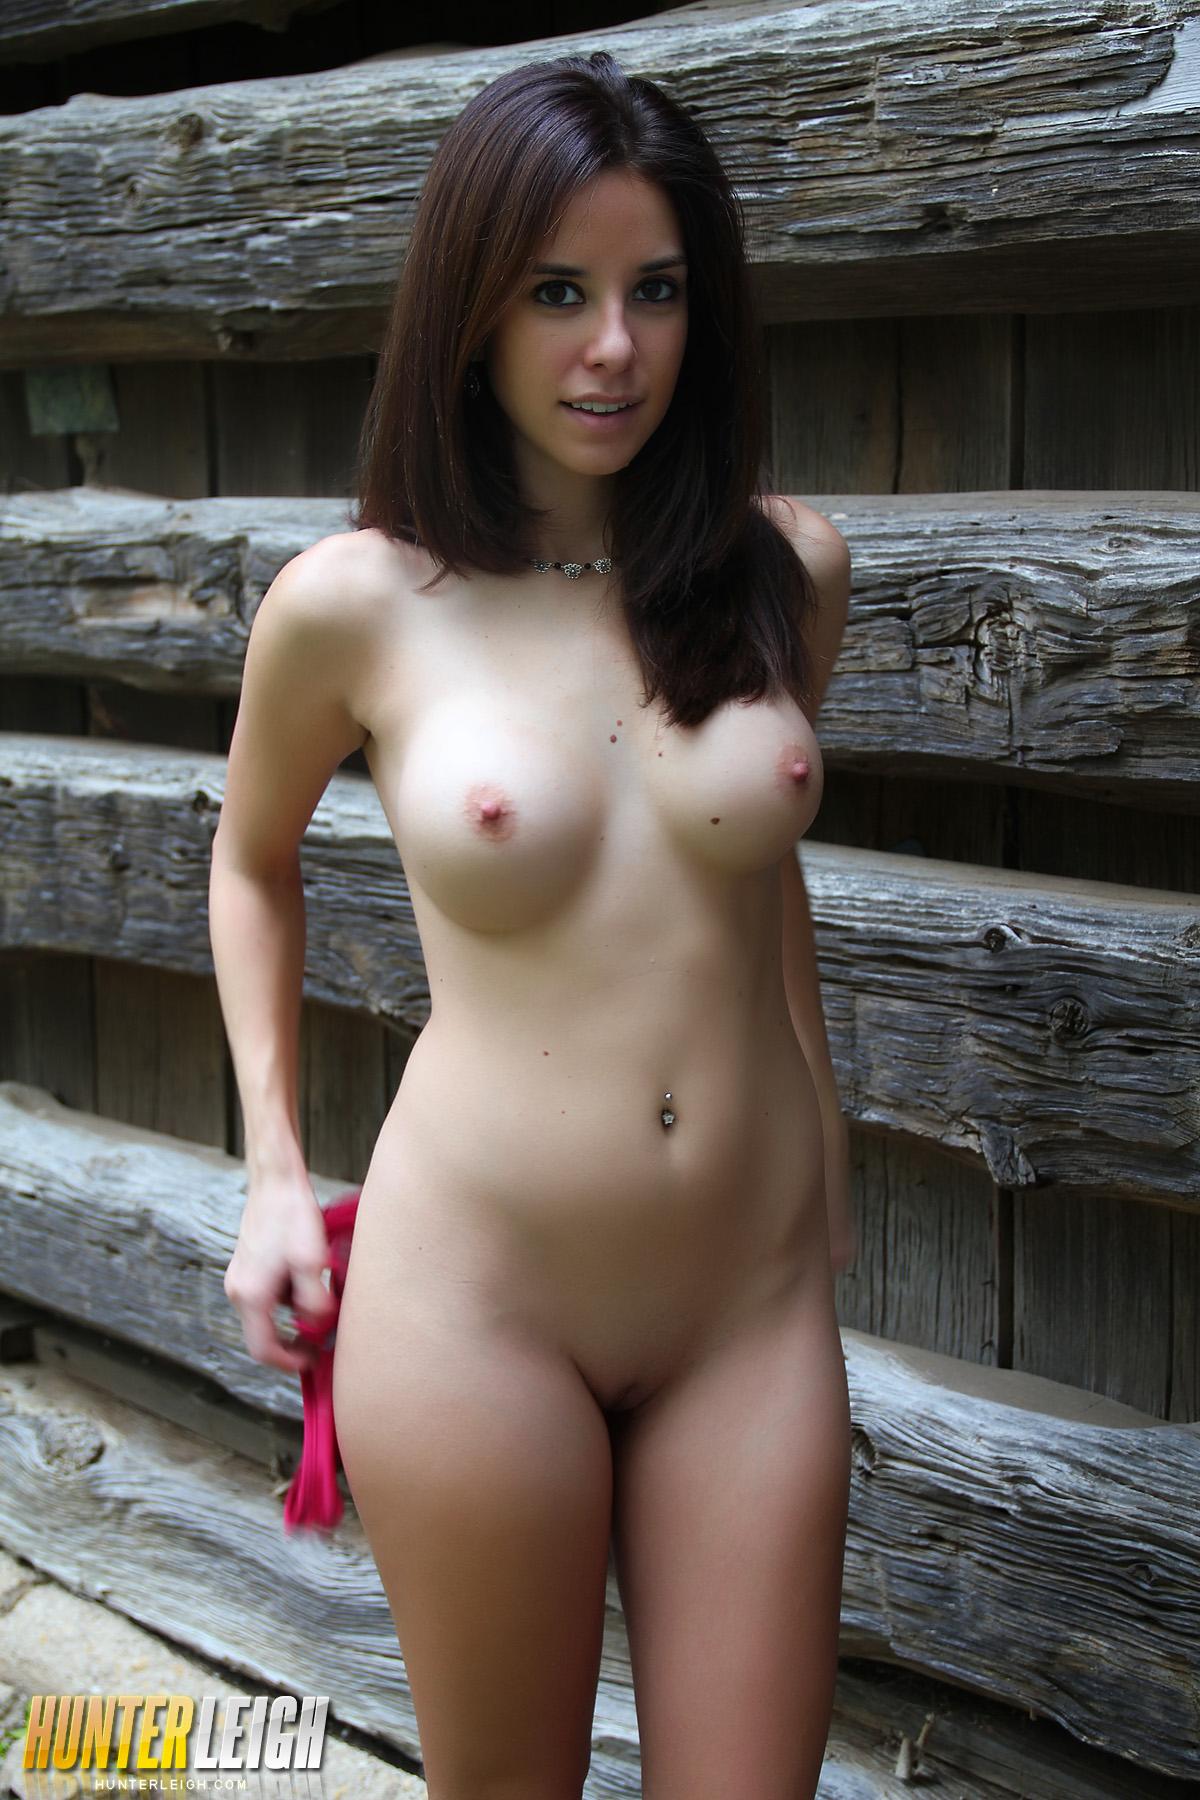 Nude girl hunter